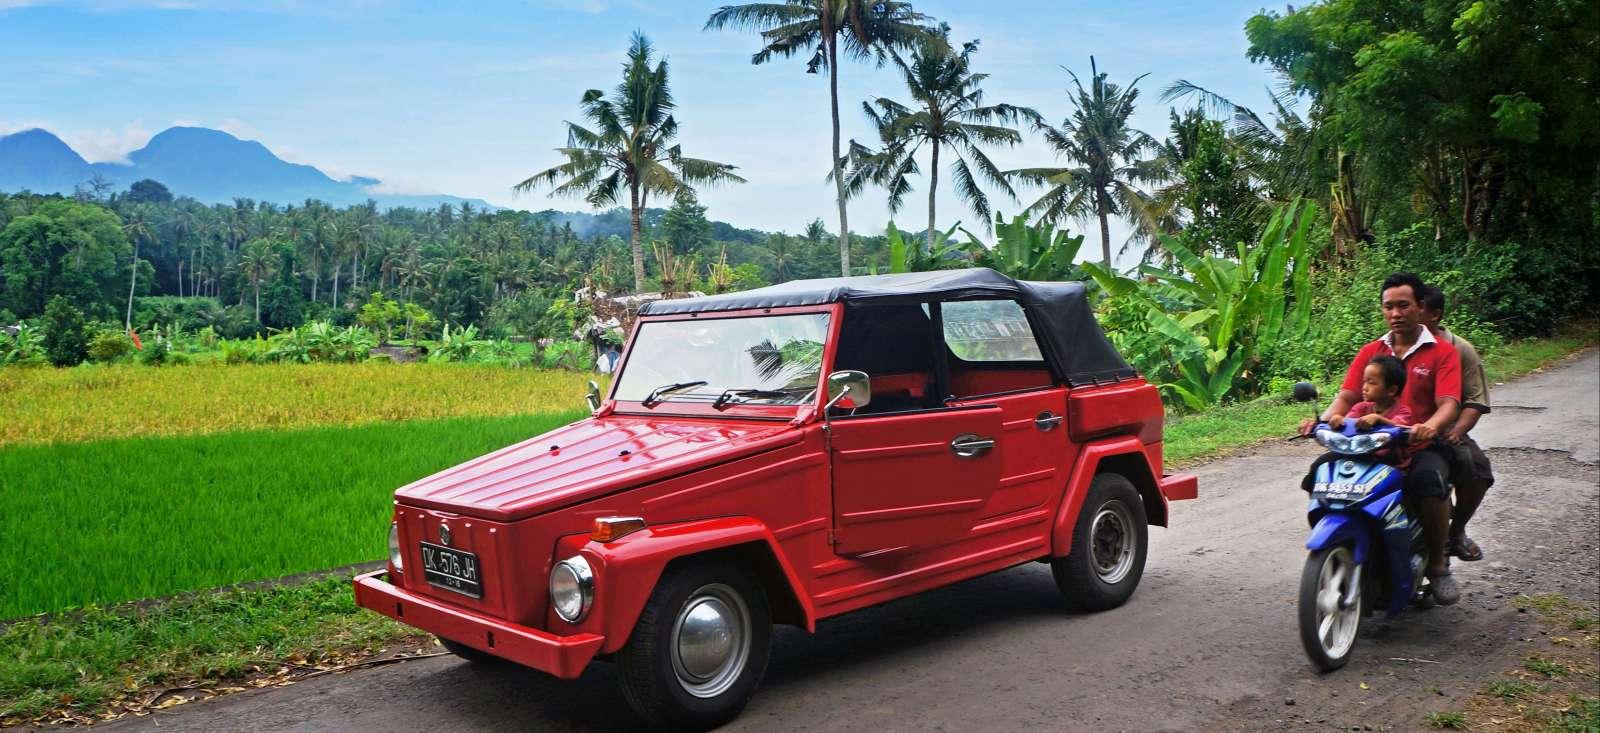 Voyage à moto : Bali, volcans et plages en scooter ou voiture